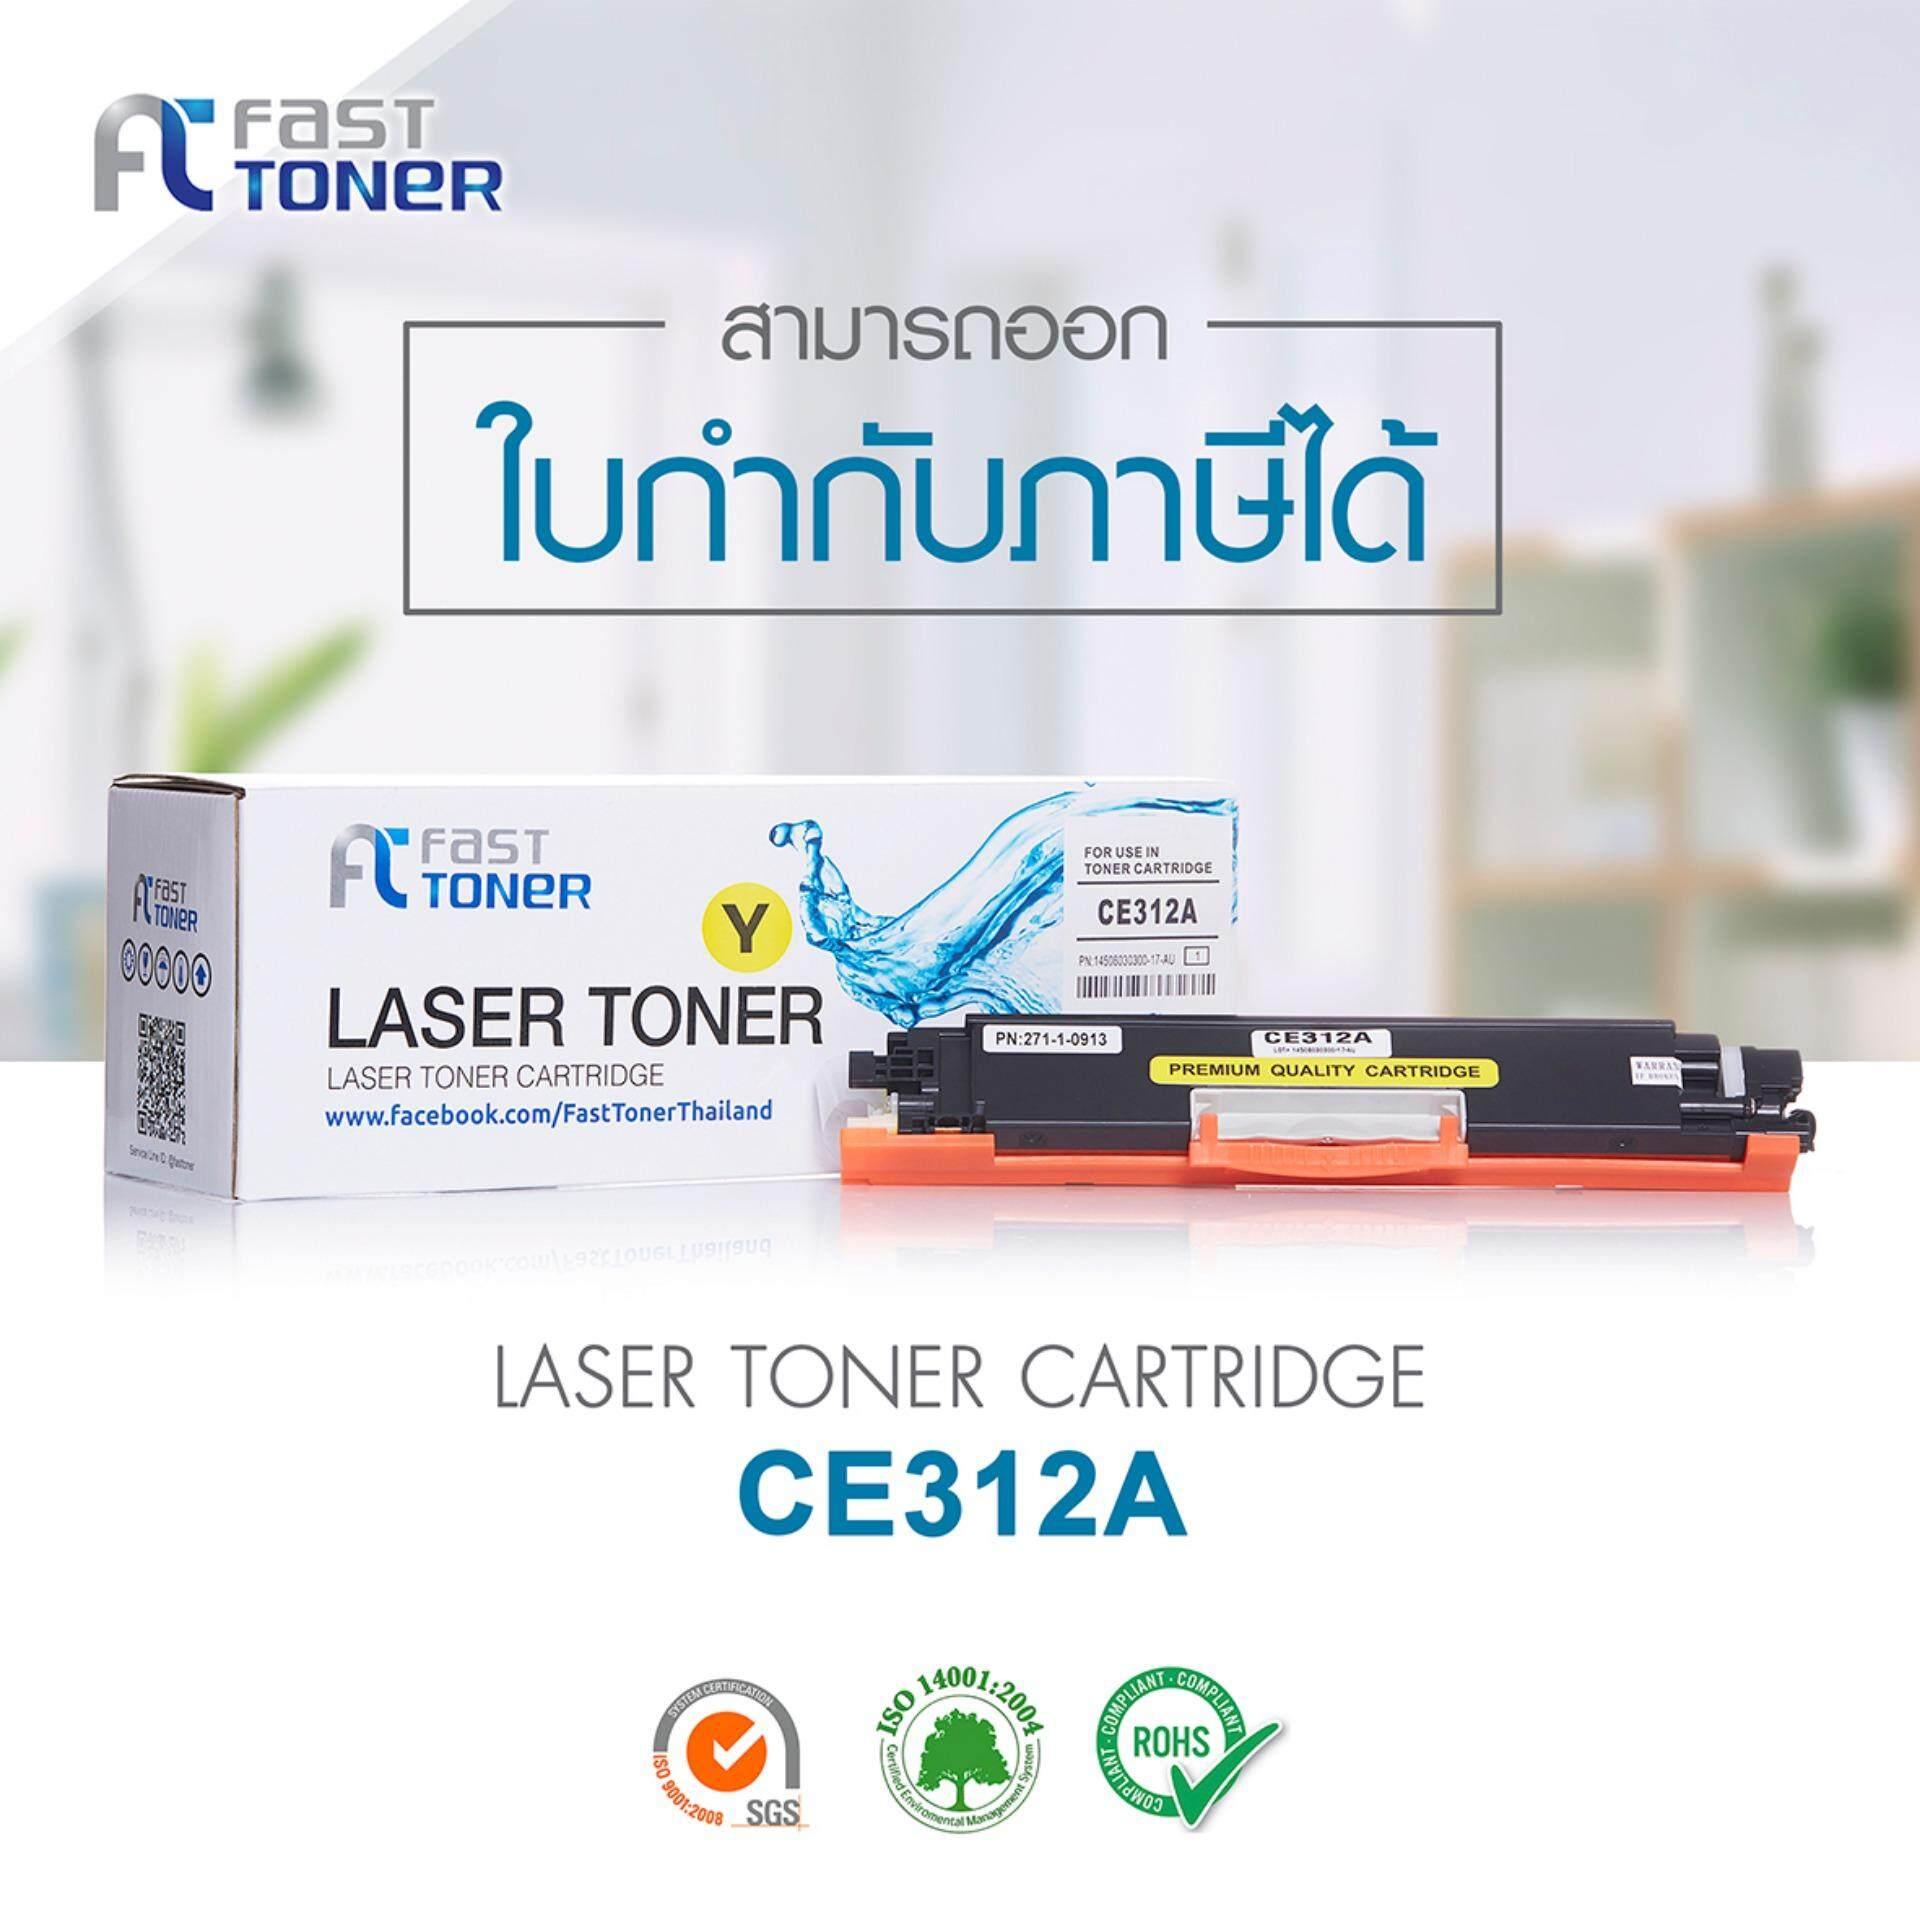 Fast Toner HP ตลับหมึกเลเซอร์เทียบเท่า 126A รุ่น CE312A (YELLOW) สำหรับเครื่องพิมพ์ HP LaserJet Printer CP1025/Cp1025NW/M175nwCanon LBP 7010C/7018C